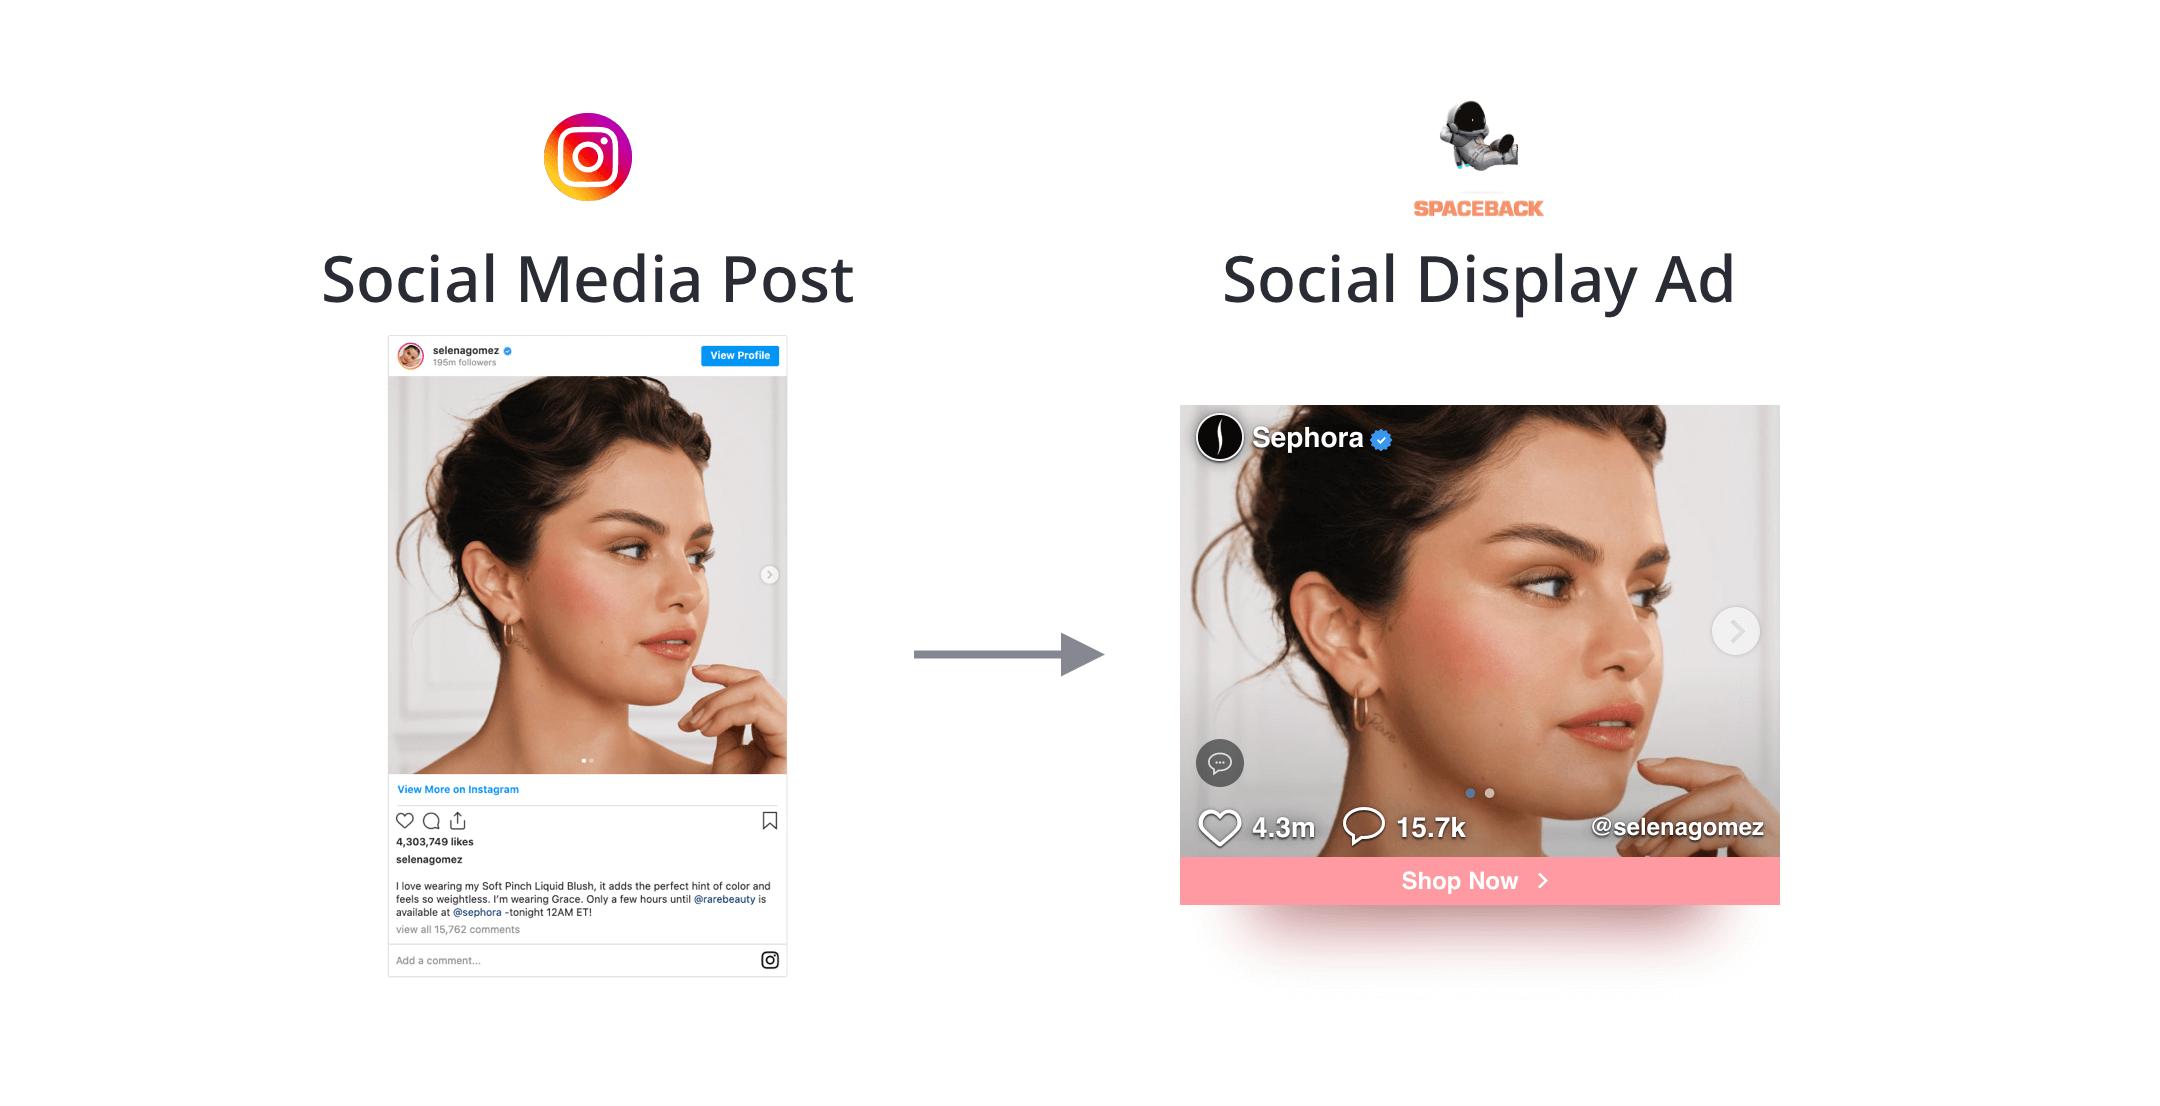 Sephora Instagram Spaceback Social Display Ad